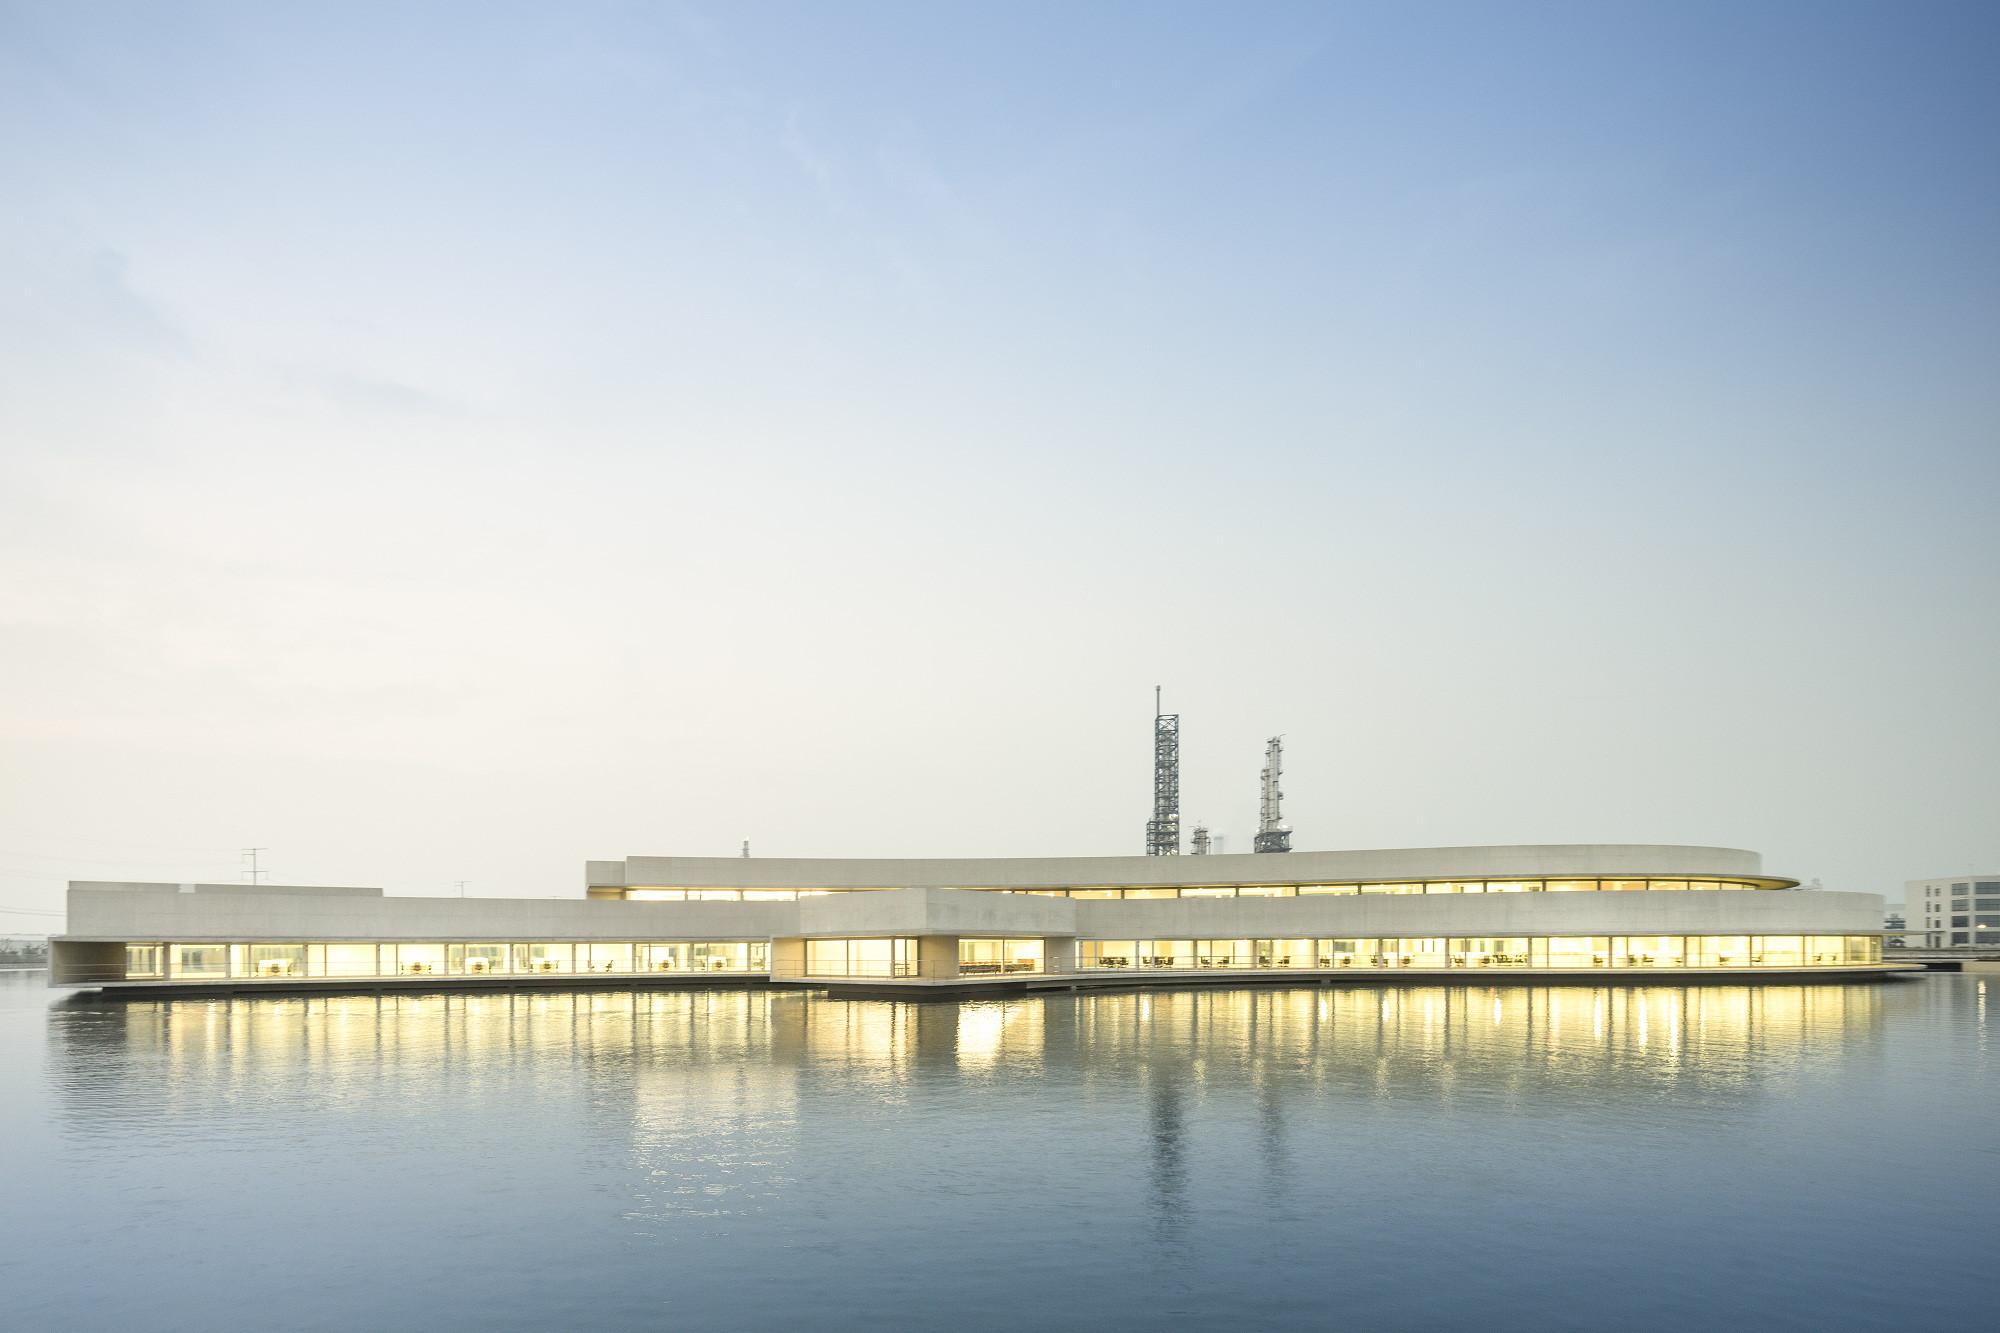 Galería de Edificio sobre el Agua / Álvaro Siza + Carlos Castanheira - 42